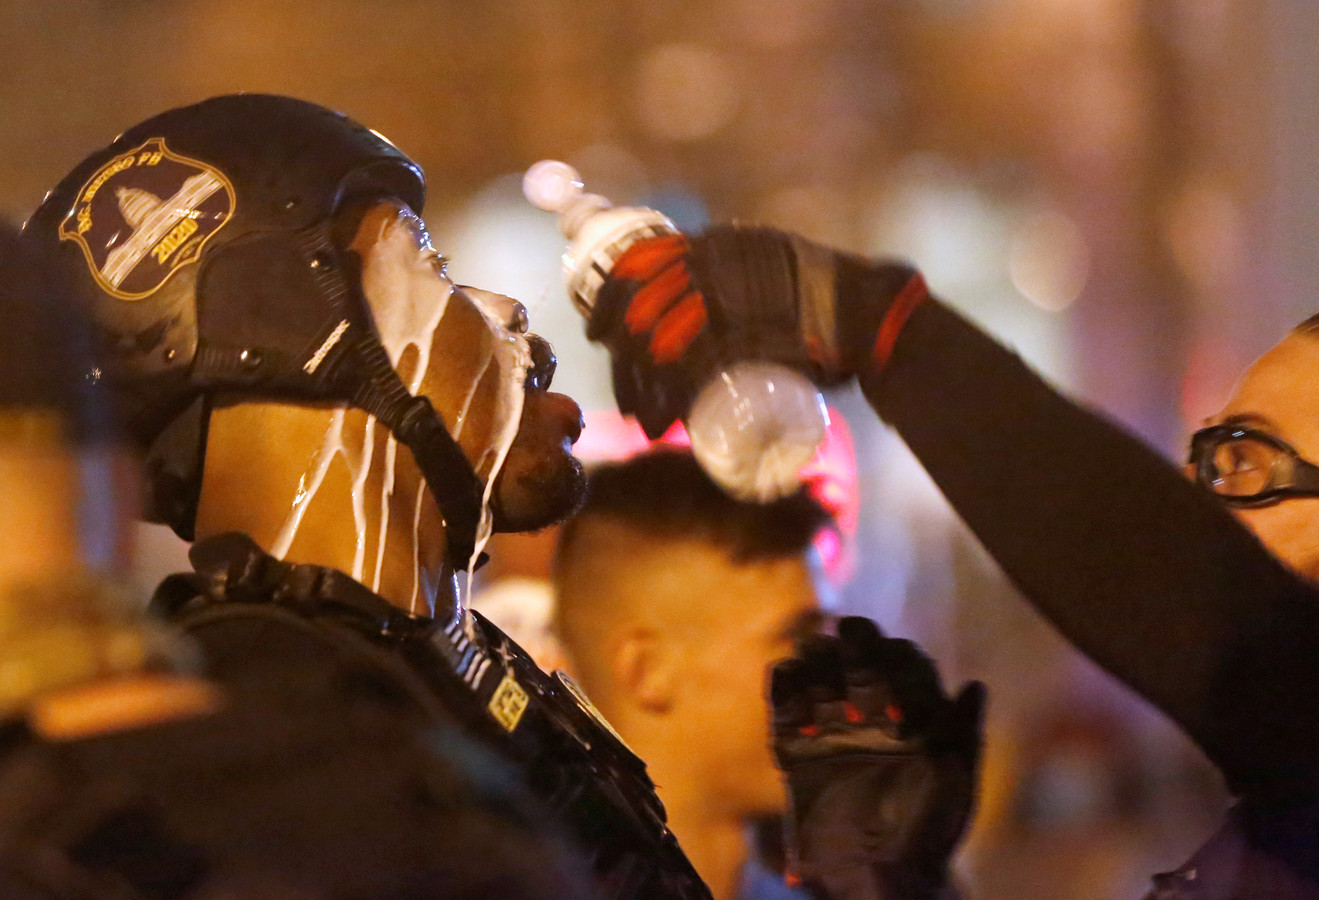 Un membre du groupe d'extrême droite Proud Boys est aidé après avoir été aspergé de poivre lors d'une marche de protestation contre les résultats de l'élection, à Washington, aux États-Unis, ce 12 décembre 2020.